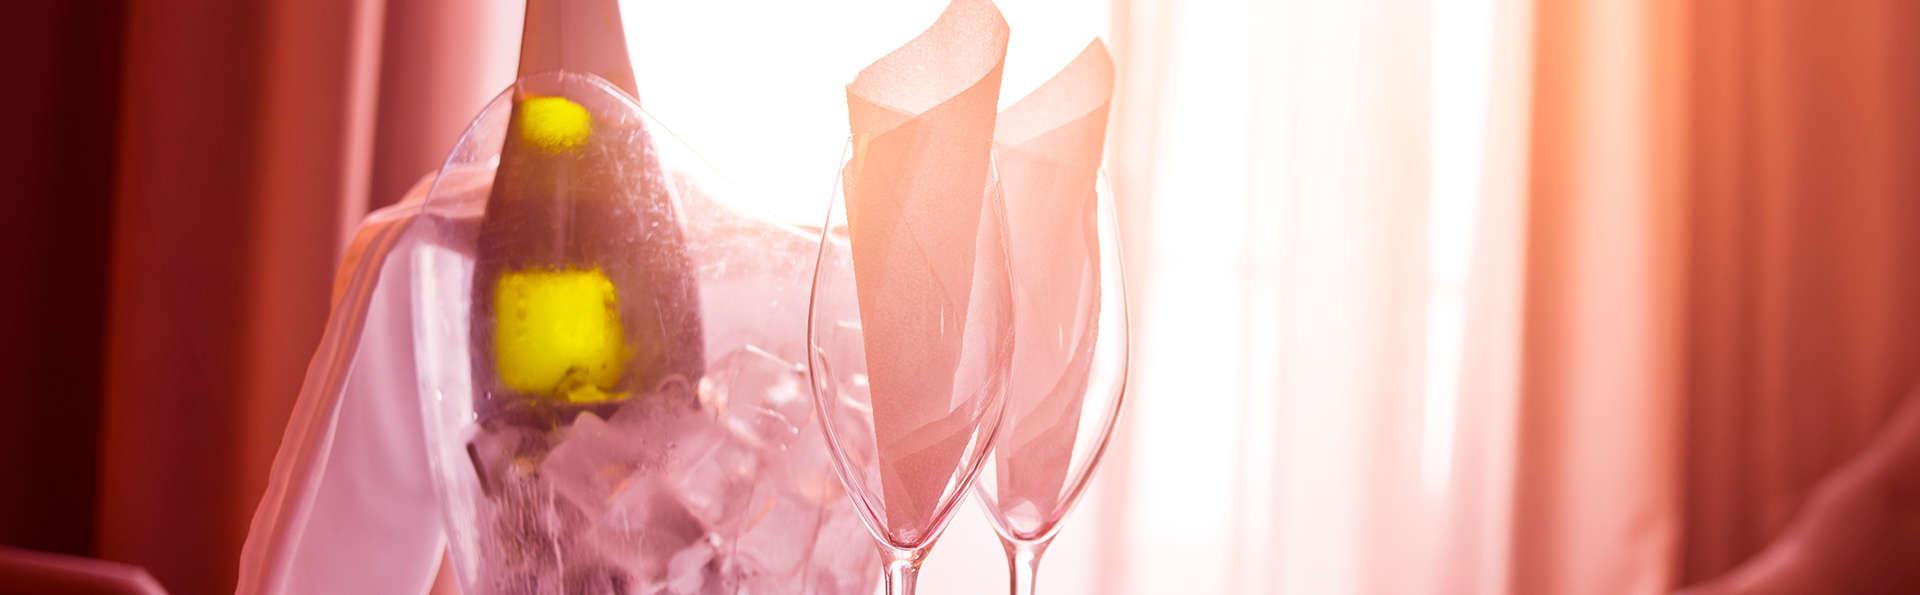 Vive l'amour avec du cava et une chambre romantique à De Panne (à partir de 2 nuits)